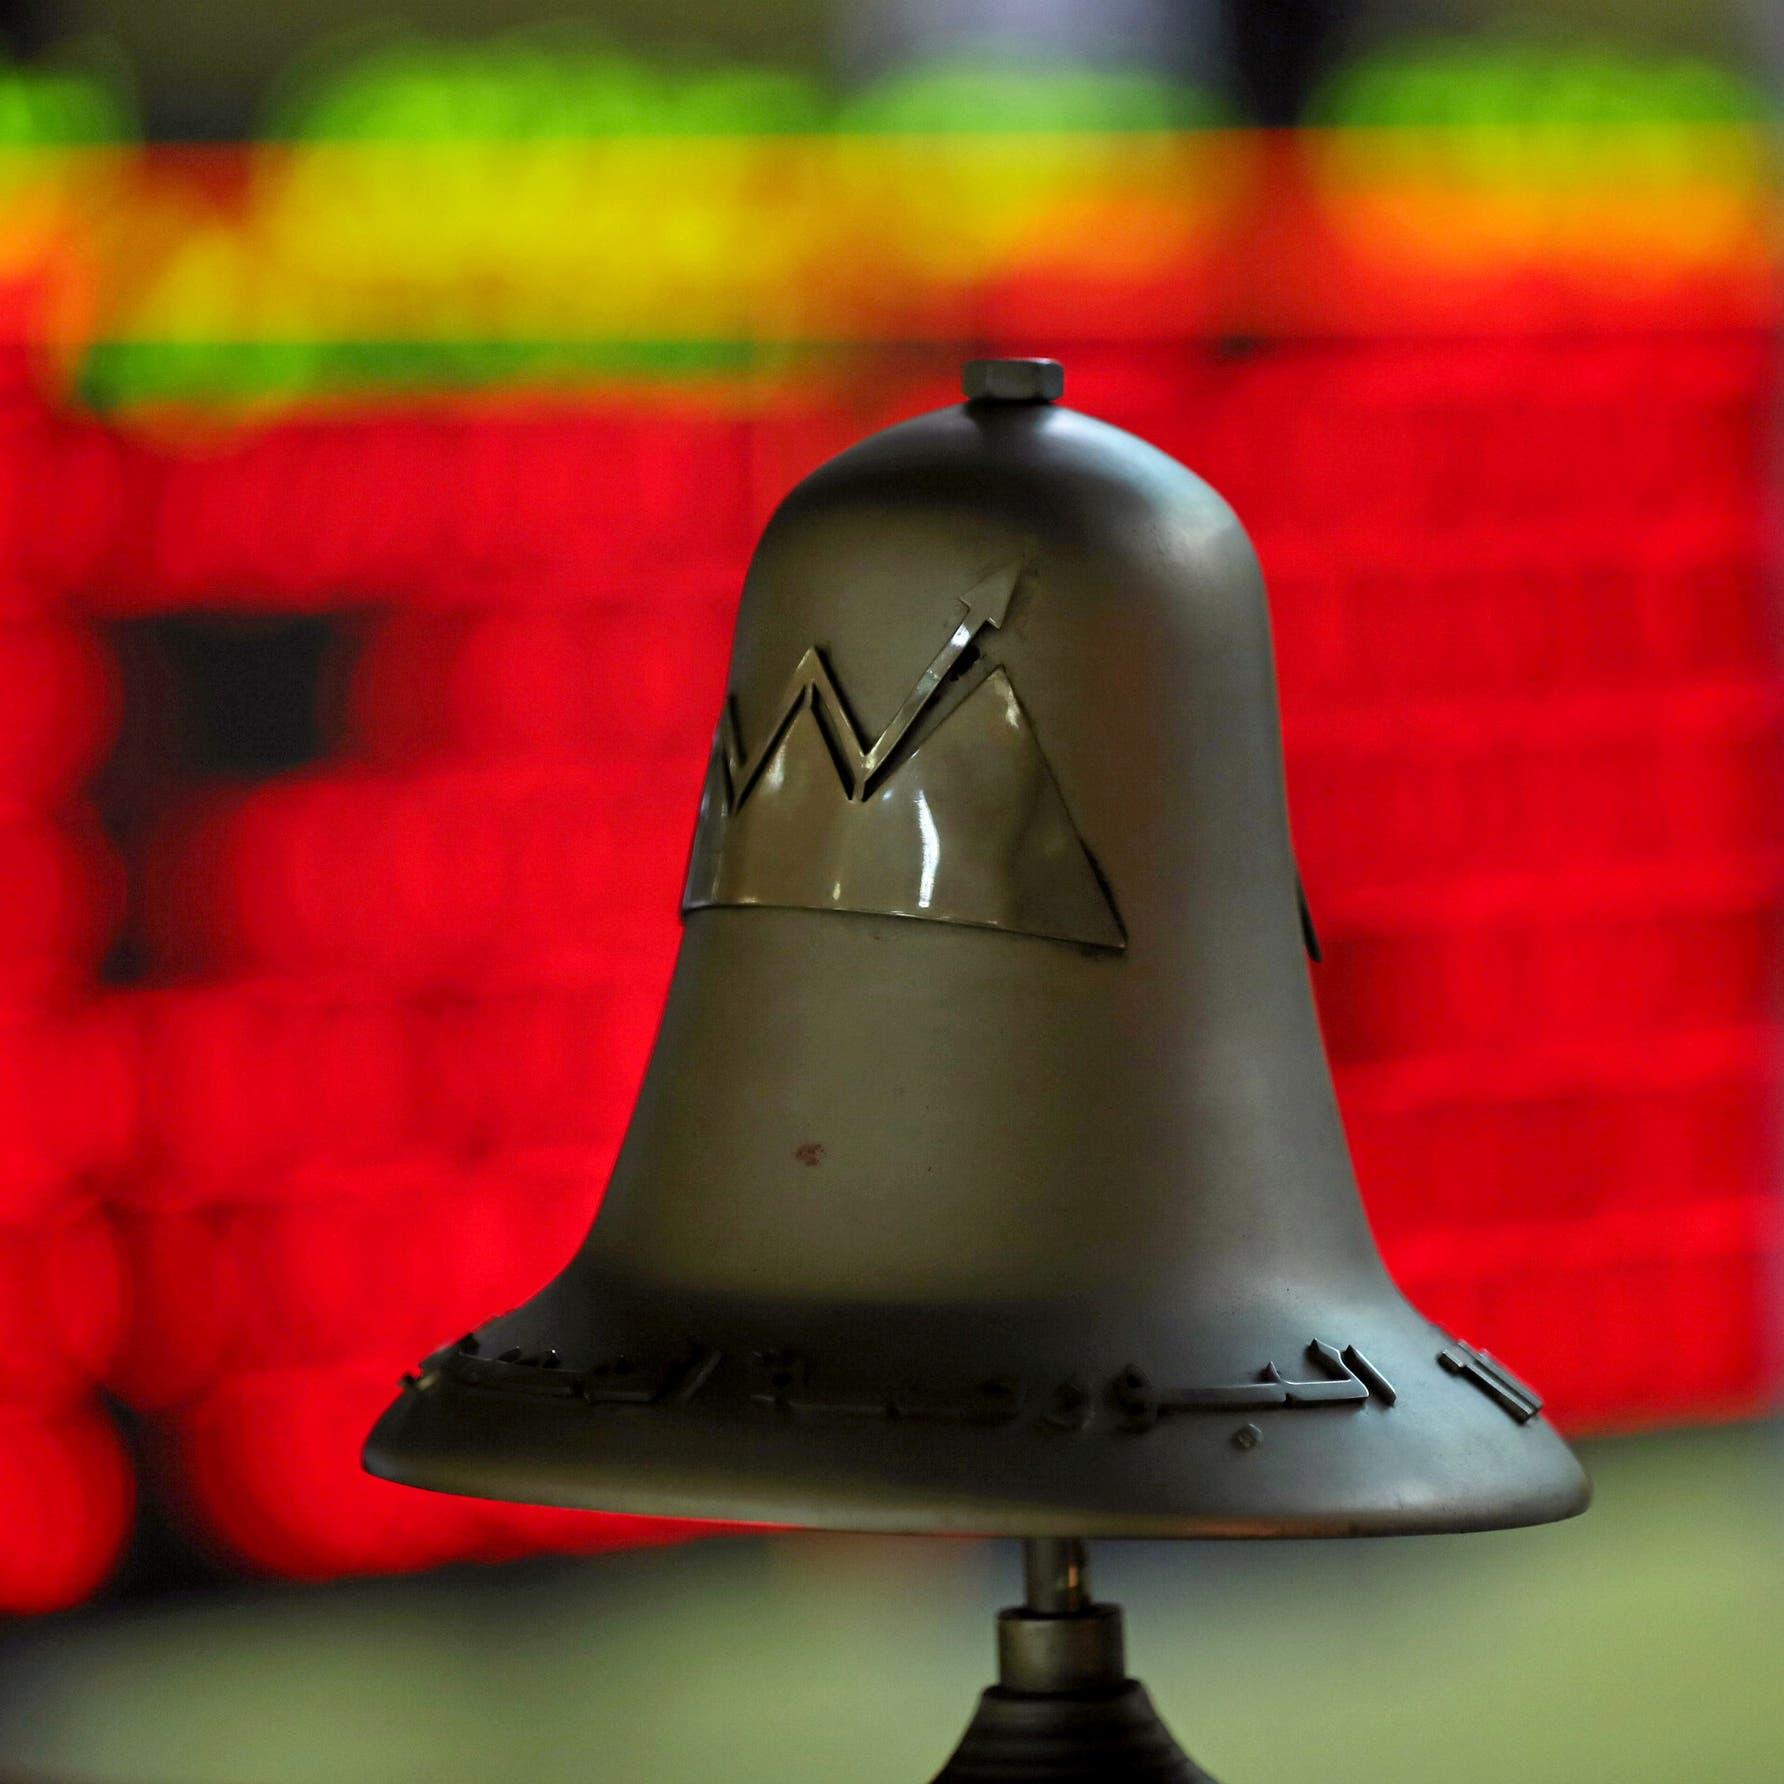 بورصة مصر تفرض غرامات على هذه الشركات.. ما السبب؟